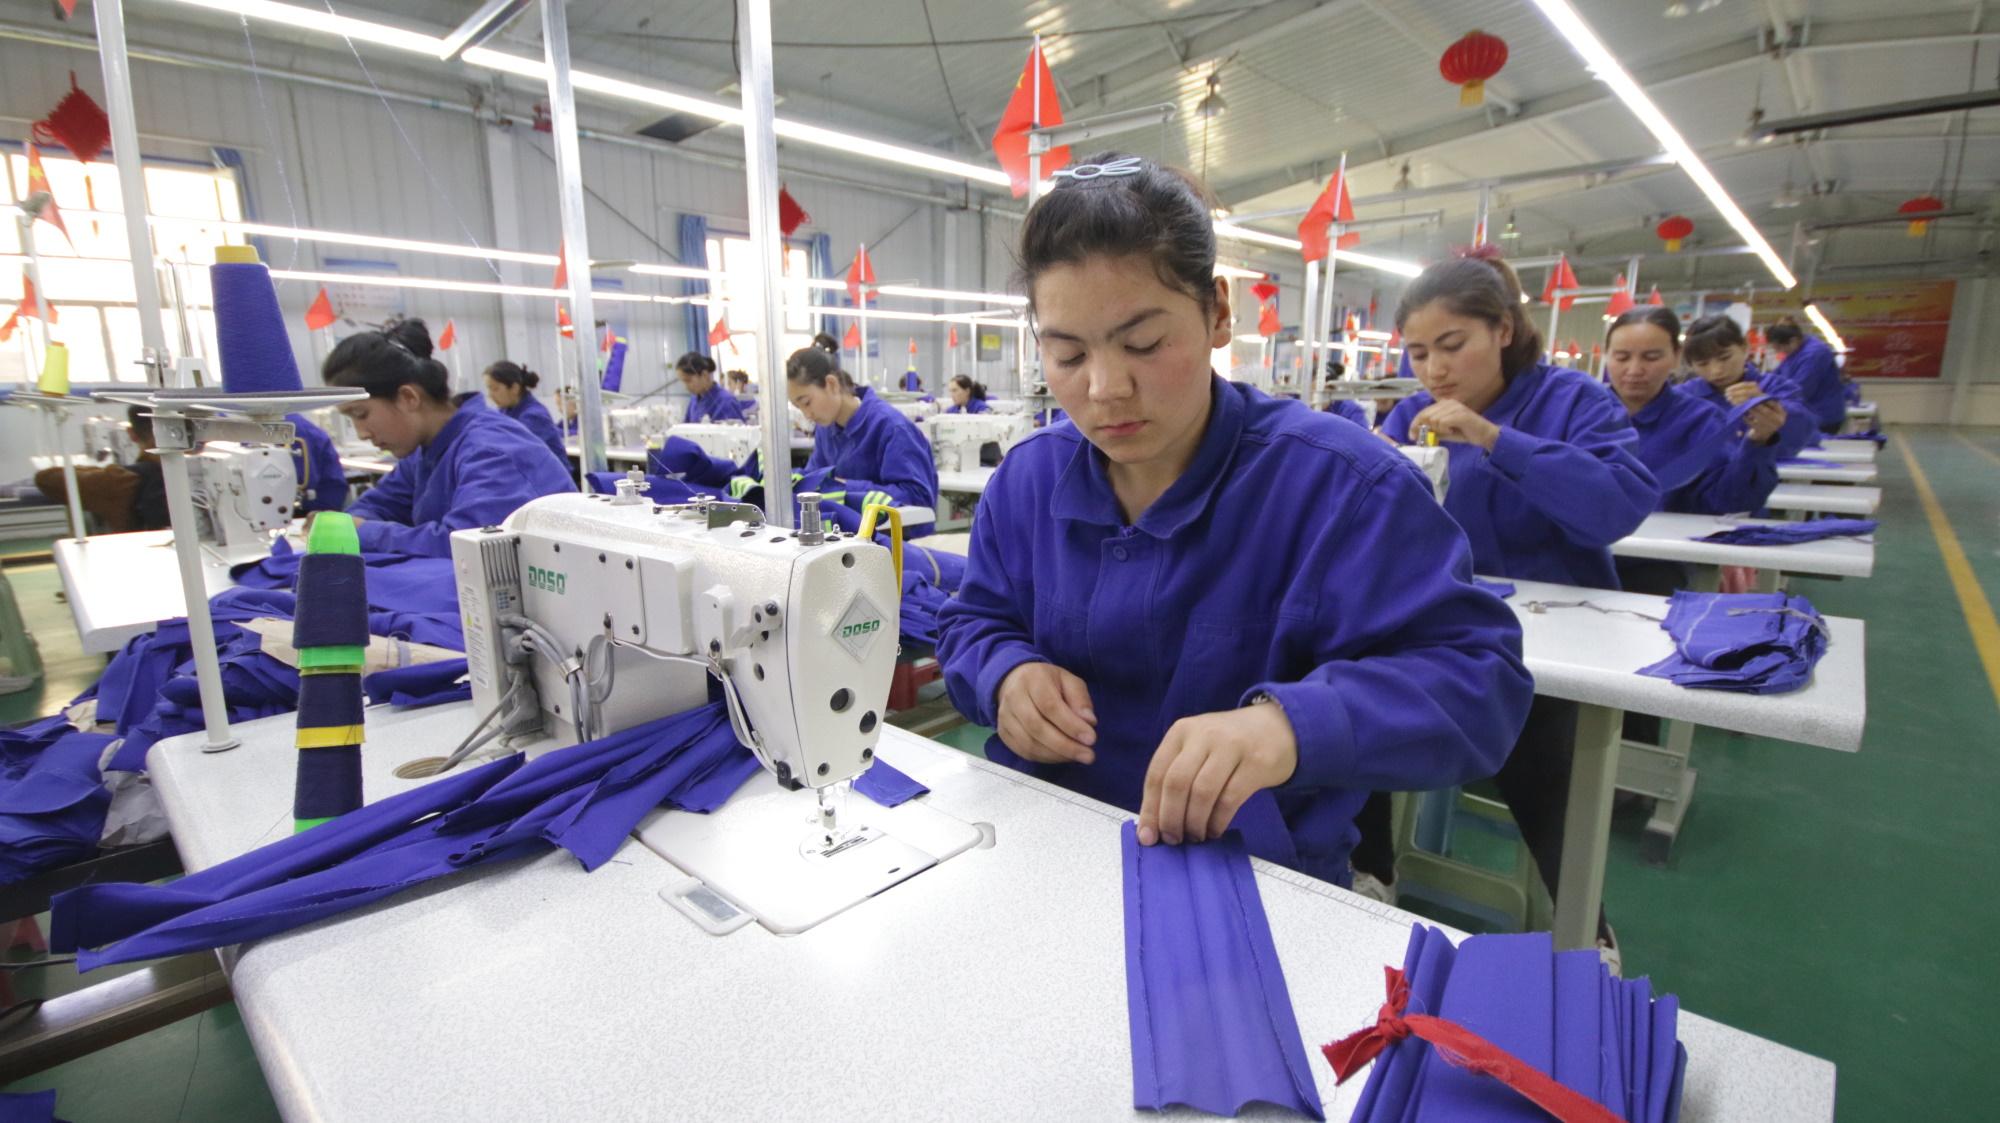 Nie bez znaczenia dla rosnącej niechęci społecznej wobec Państwa Środka w Azji Centralnej jest rozpowszechnione wśród miejscowej ludności poczucie współzawodnictwa o miejsca pracy z Chińczykami. Fot. Shutterstock